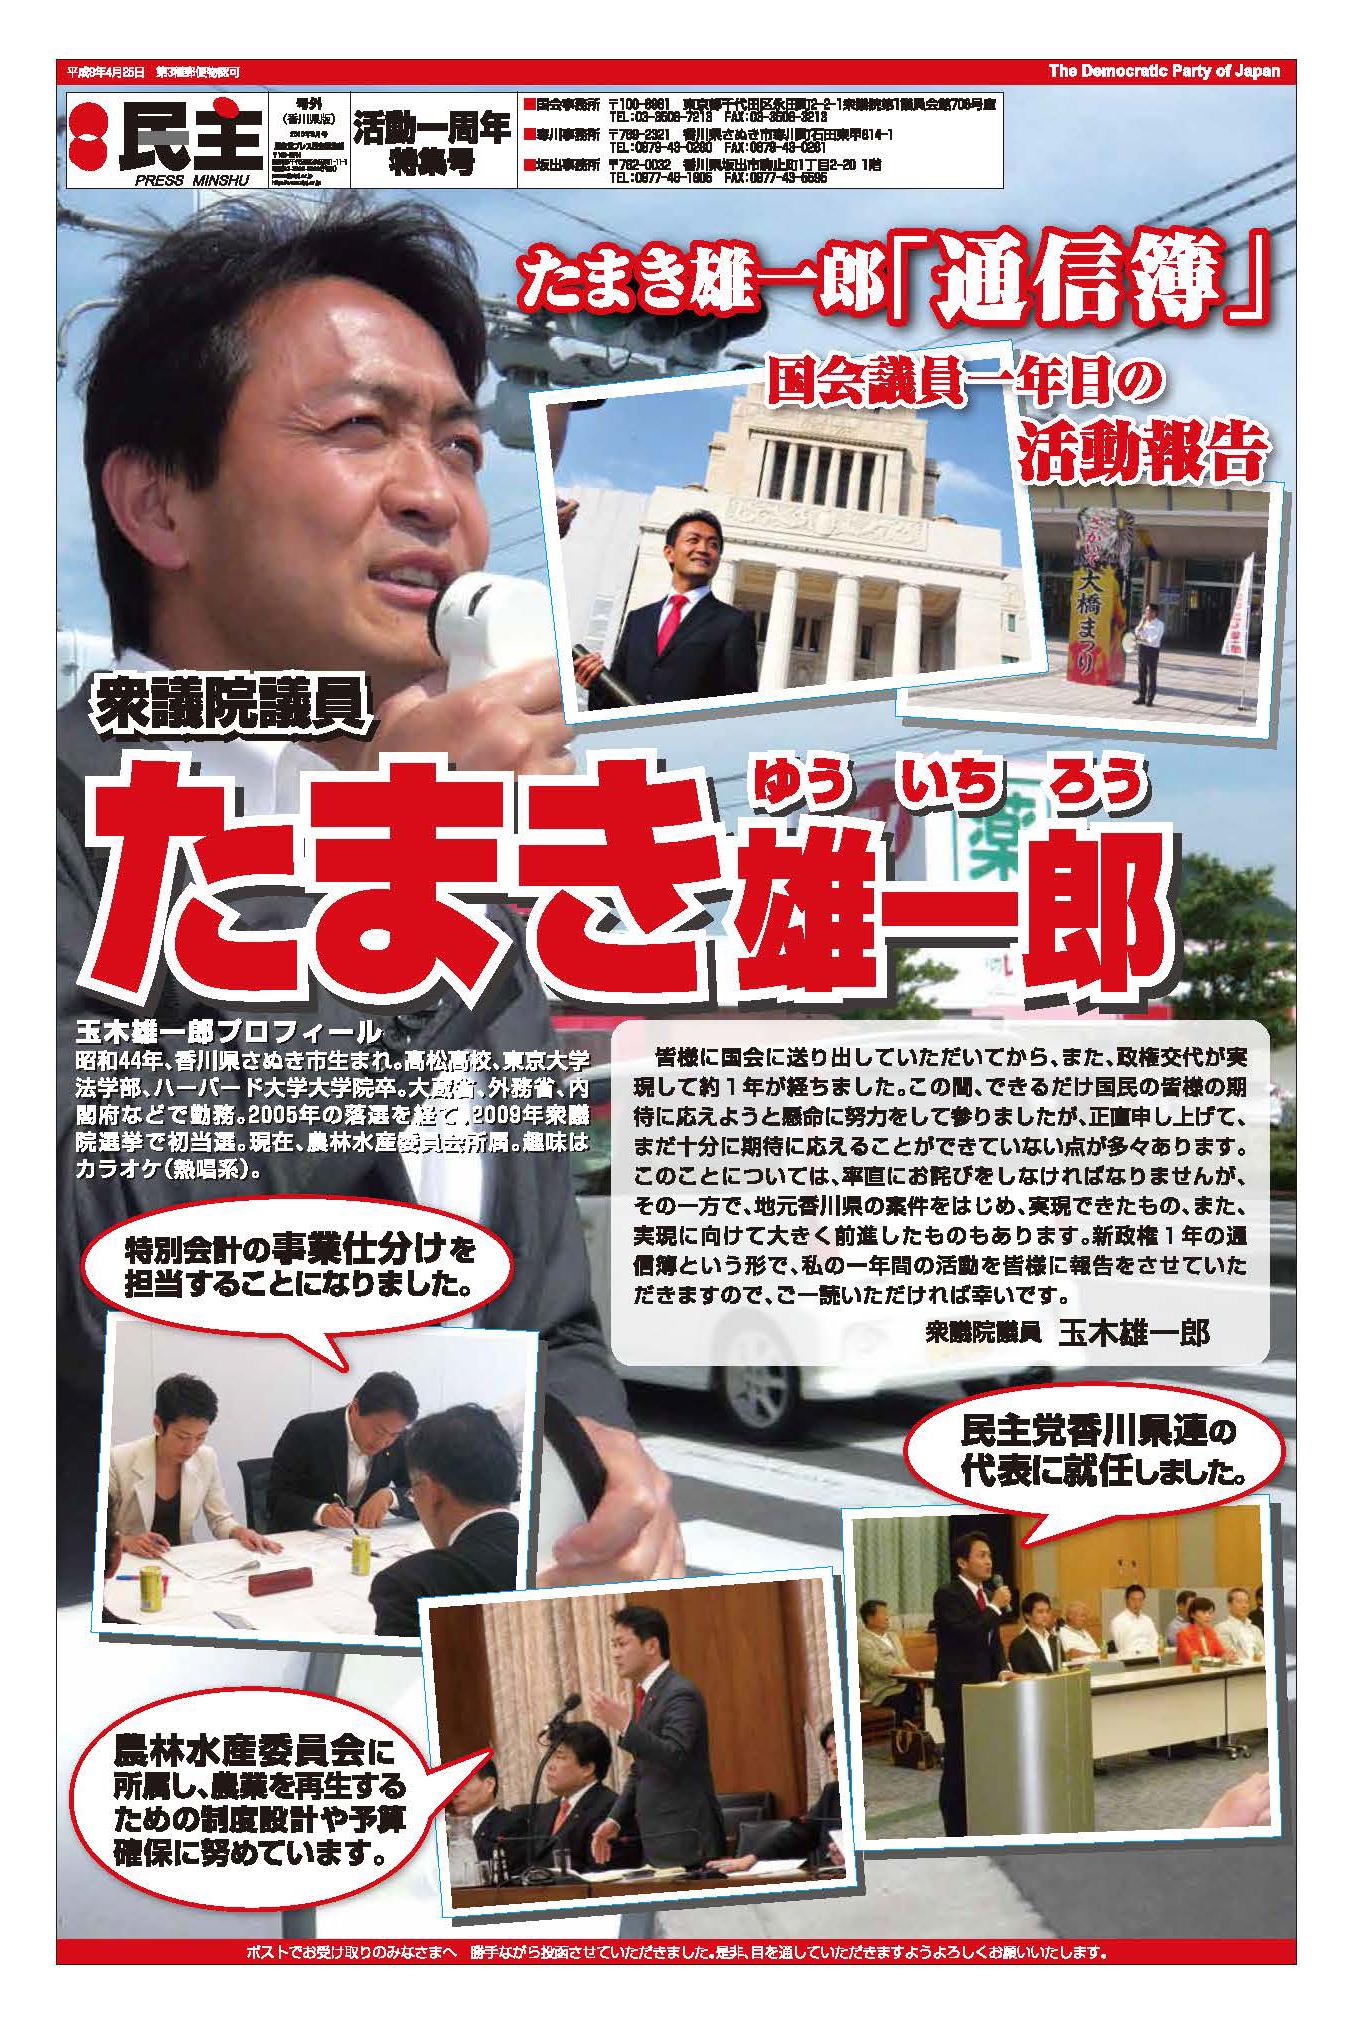 2010/08/18発行 プレス民主タブロイド版